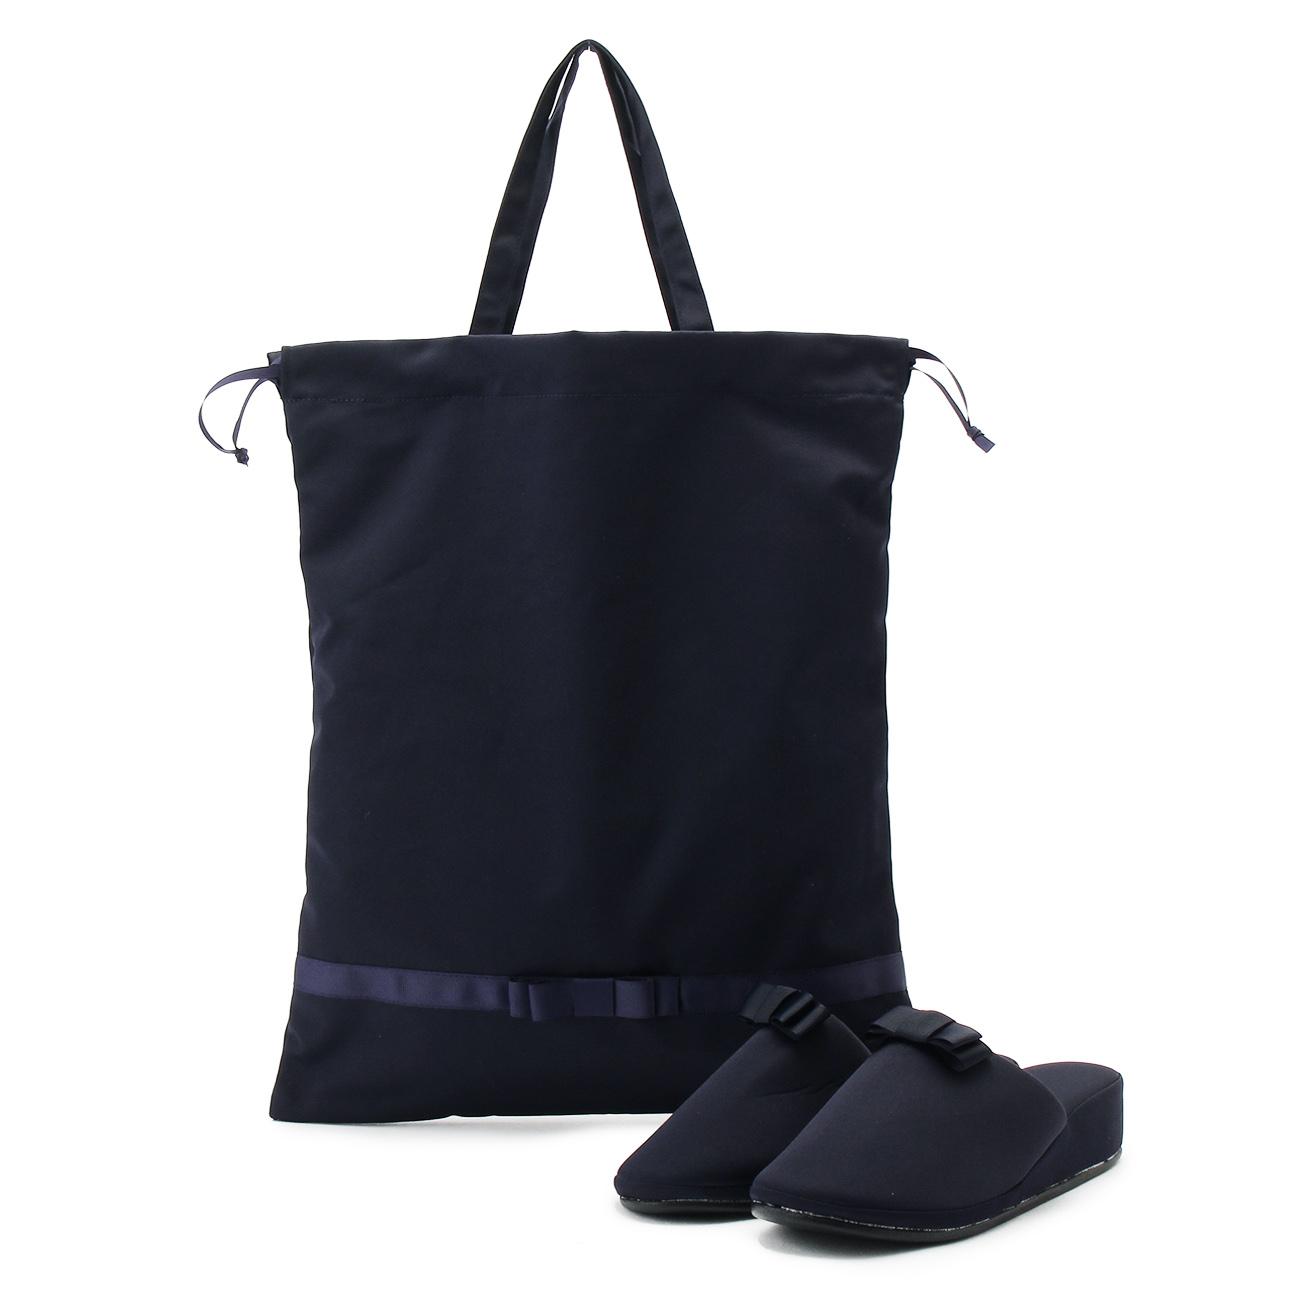 【OPAQUE.CLIP (オペークドットクリップ)】専用バッグ付きルームスリッパレディース シューズ|ルームシューズ ネイビー